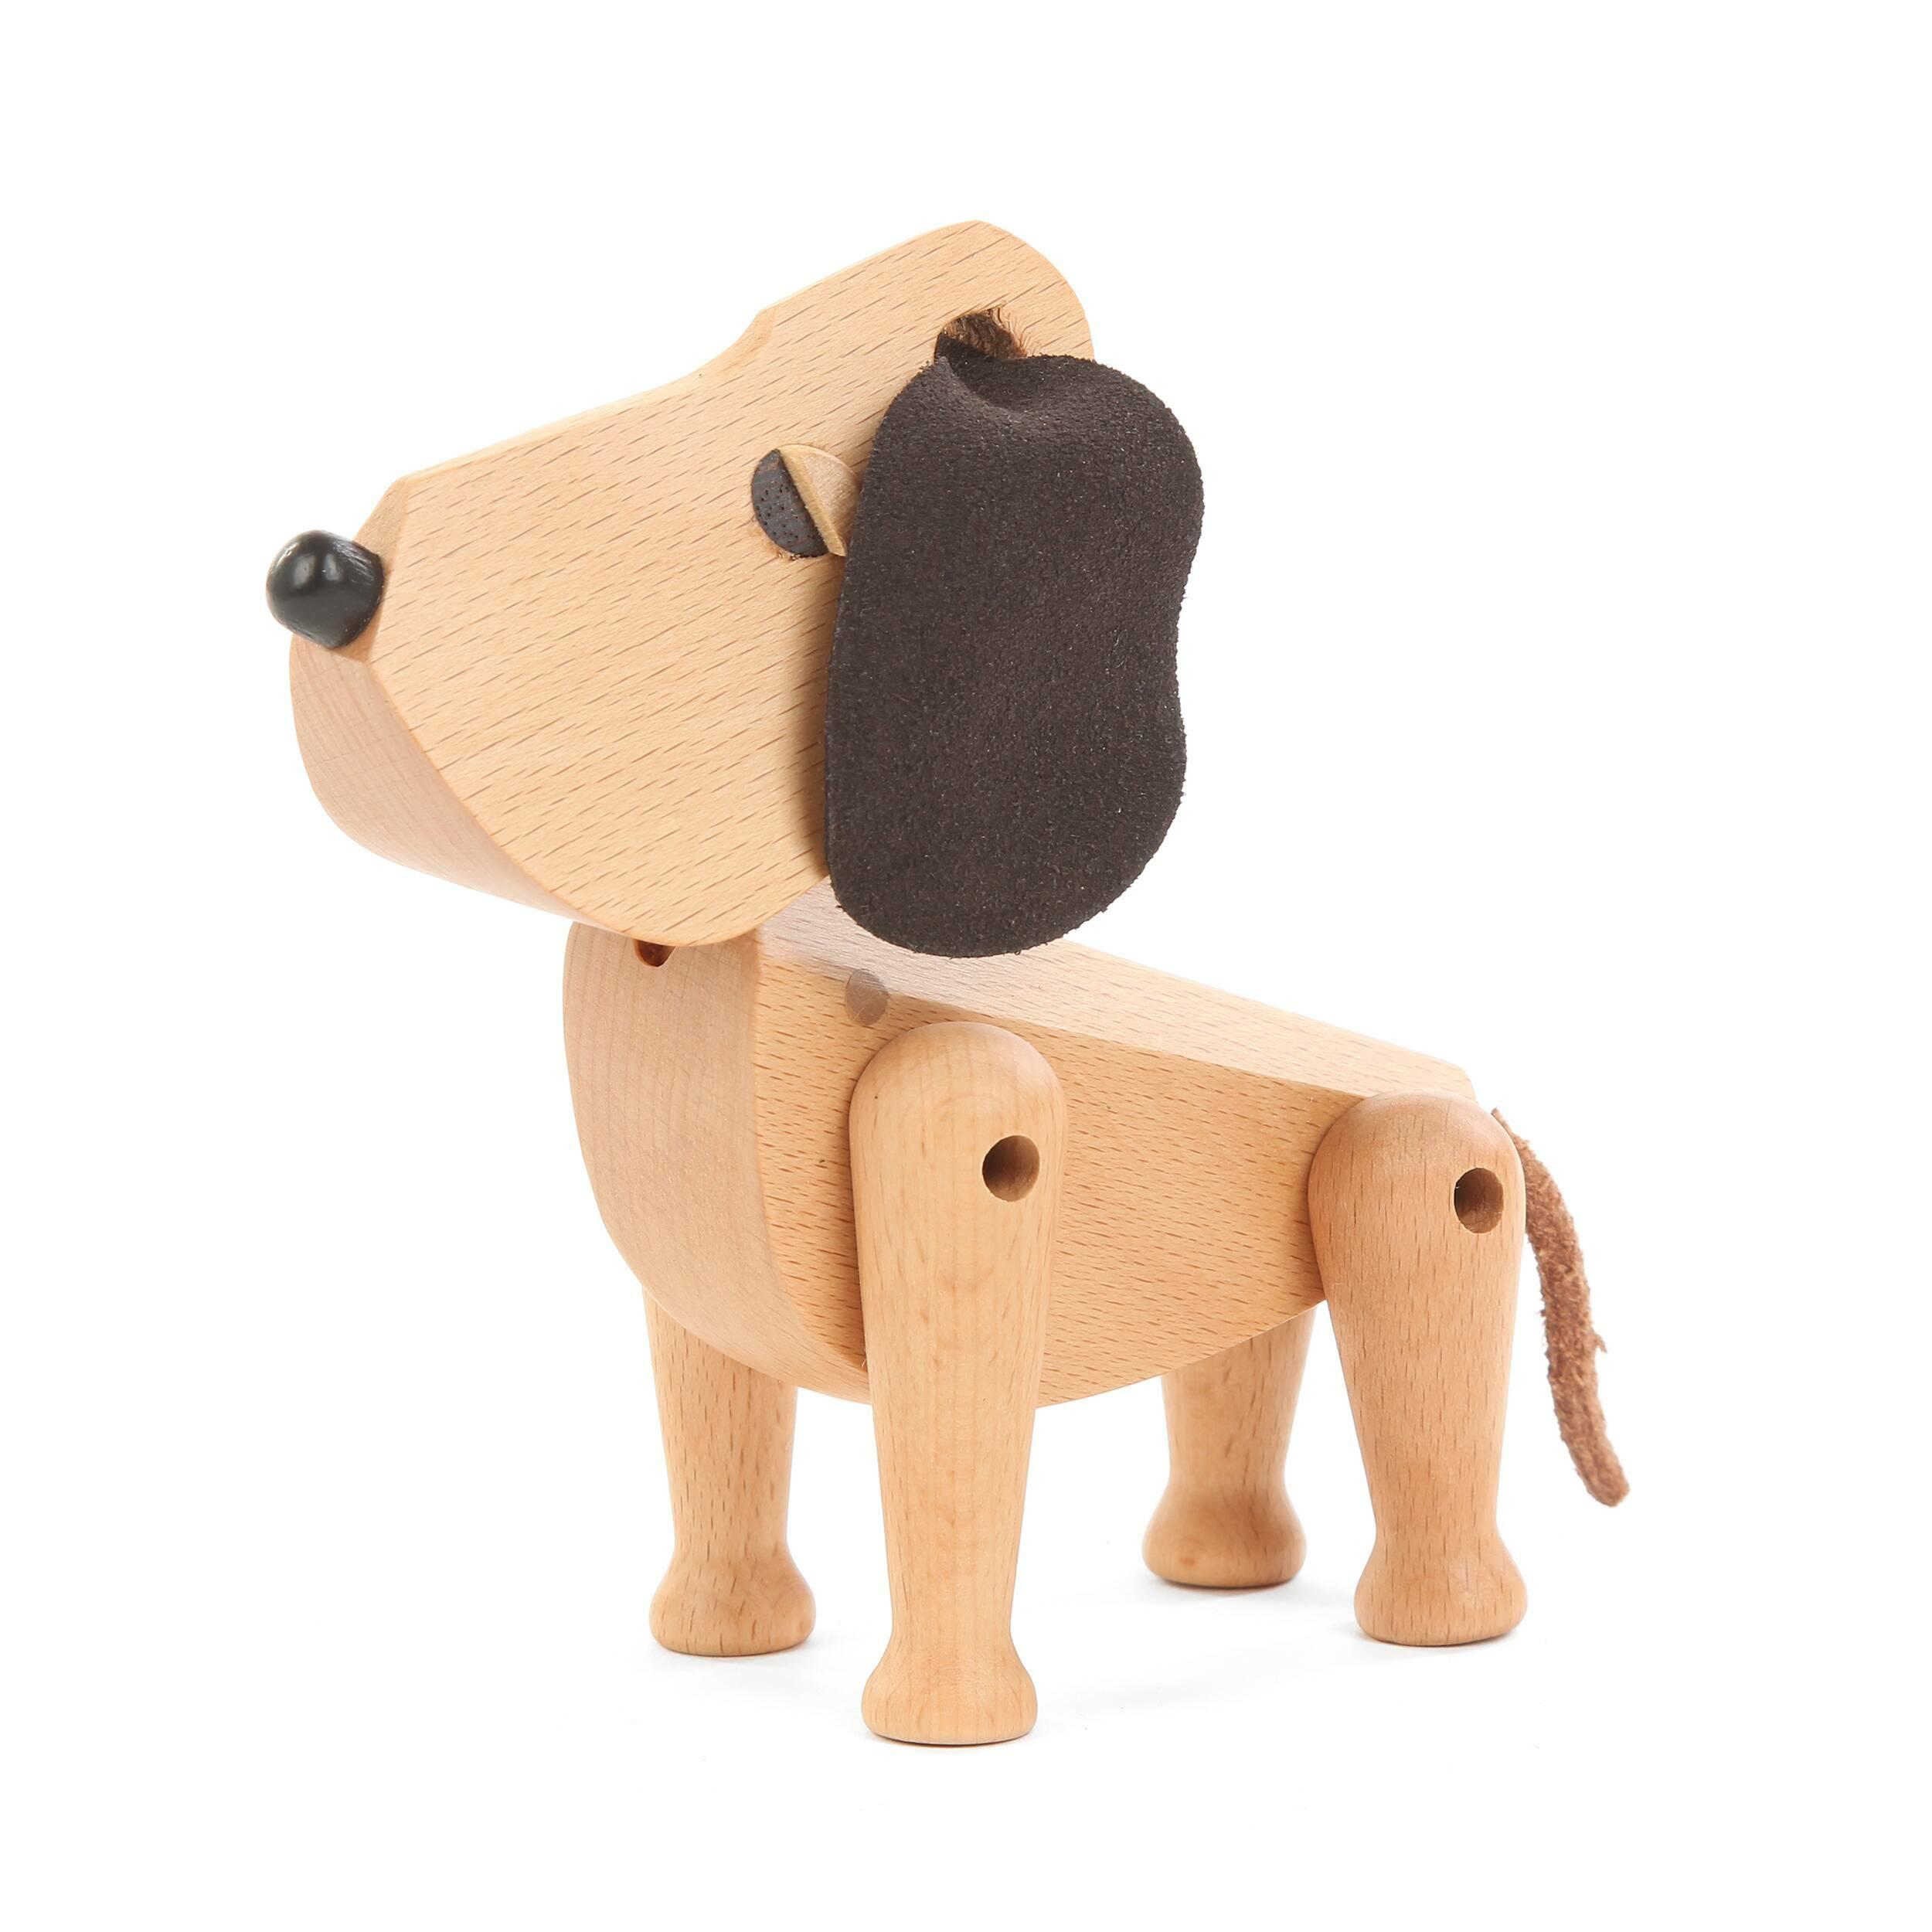 Статуэтка Doggie, высота 13Настольные<br>Оригинальная дизайнерская статуэтка Doggie, высота 13 представляет собой очаровательную фигурку домашней собачки. Посвящается всем любителям животным и темы анимализма в интерьере. Изделие станет настоящим украшением для домашней обстановки и создаст в ней приятную дружескую атмосферу.<br><br><br> Для создания этой модели мастера выбрали массив бука – очень прочную и красивую древесину, которая легко и гармонично смотрится практически в любом интерьере. А мягкие ушки изготавливаются из качеств...<br><br>stock: 19<br>Материал: Массив бука<br>Цвет: Светло-коричневый<br>Длина: 13<br>Материал дополнительный: Кожа<br>Цвет дополнительный: Темно-коричневый